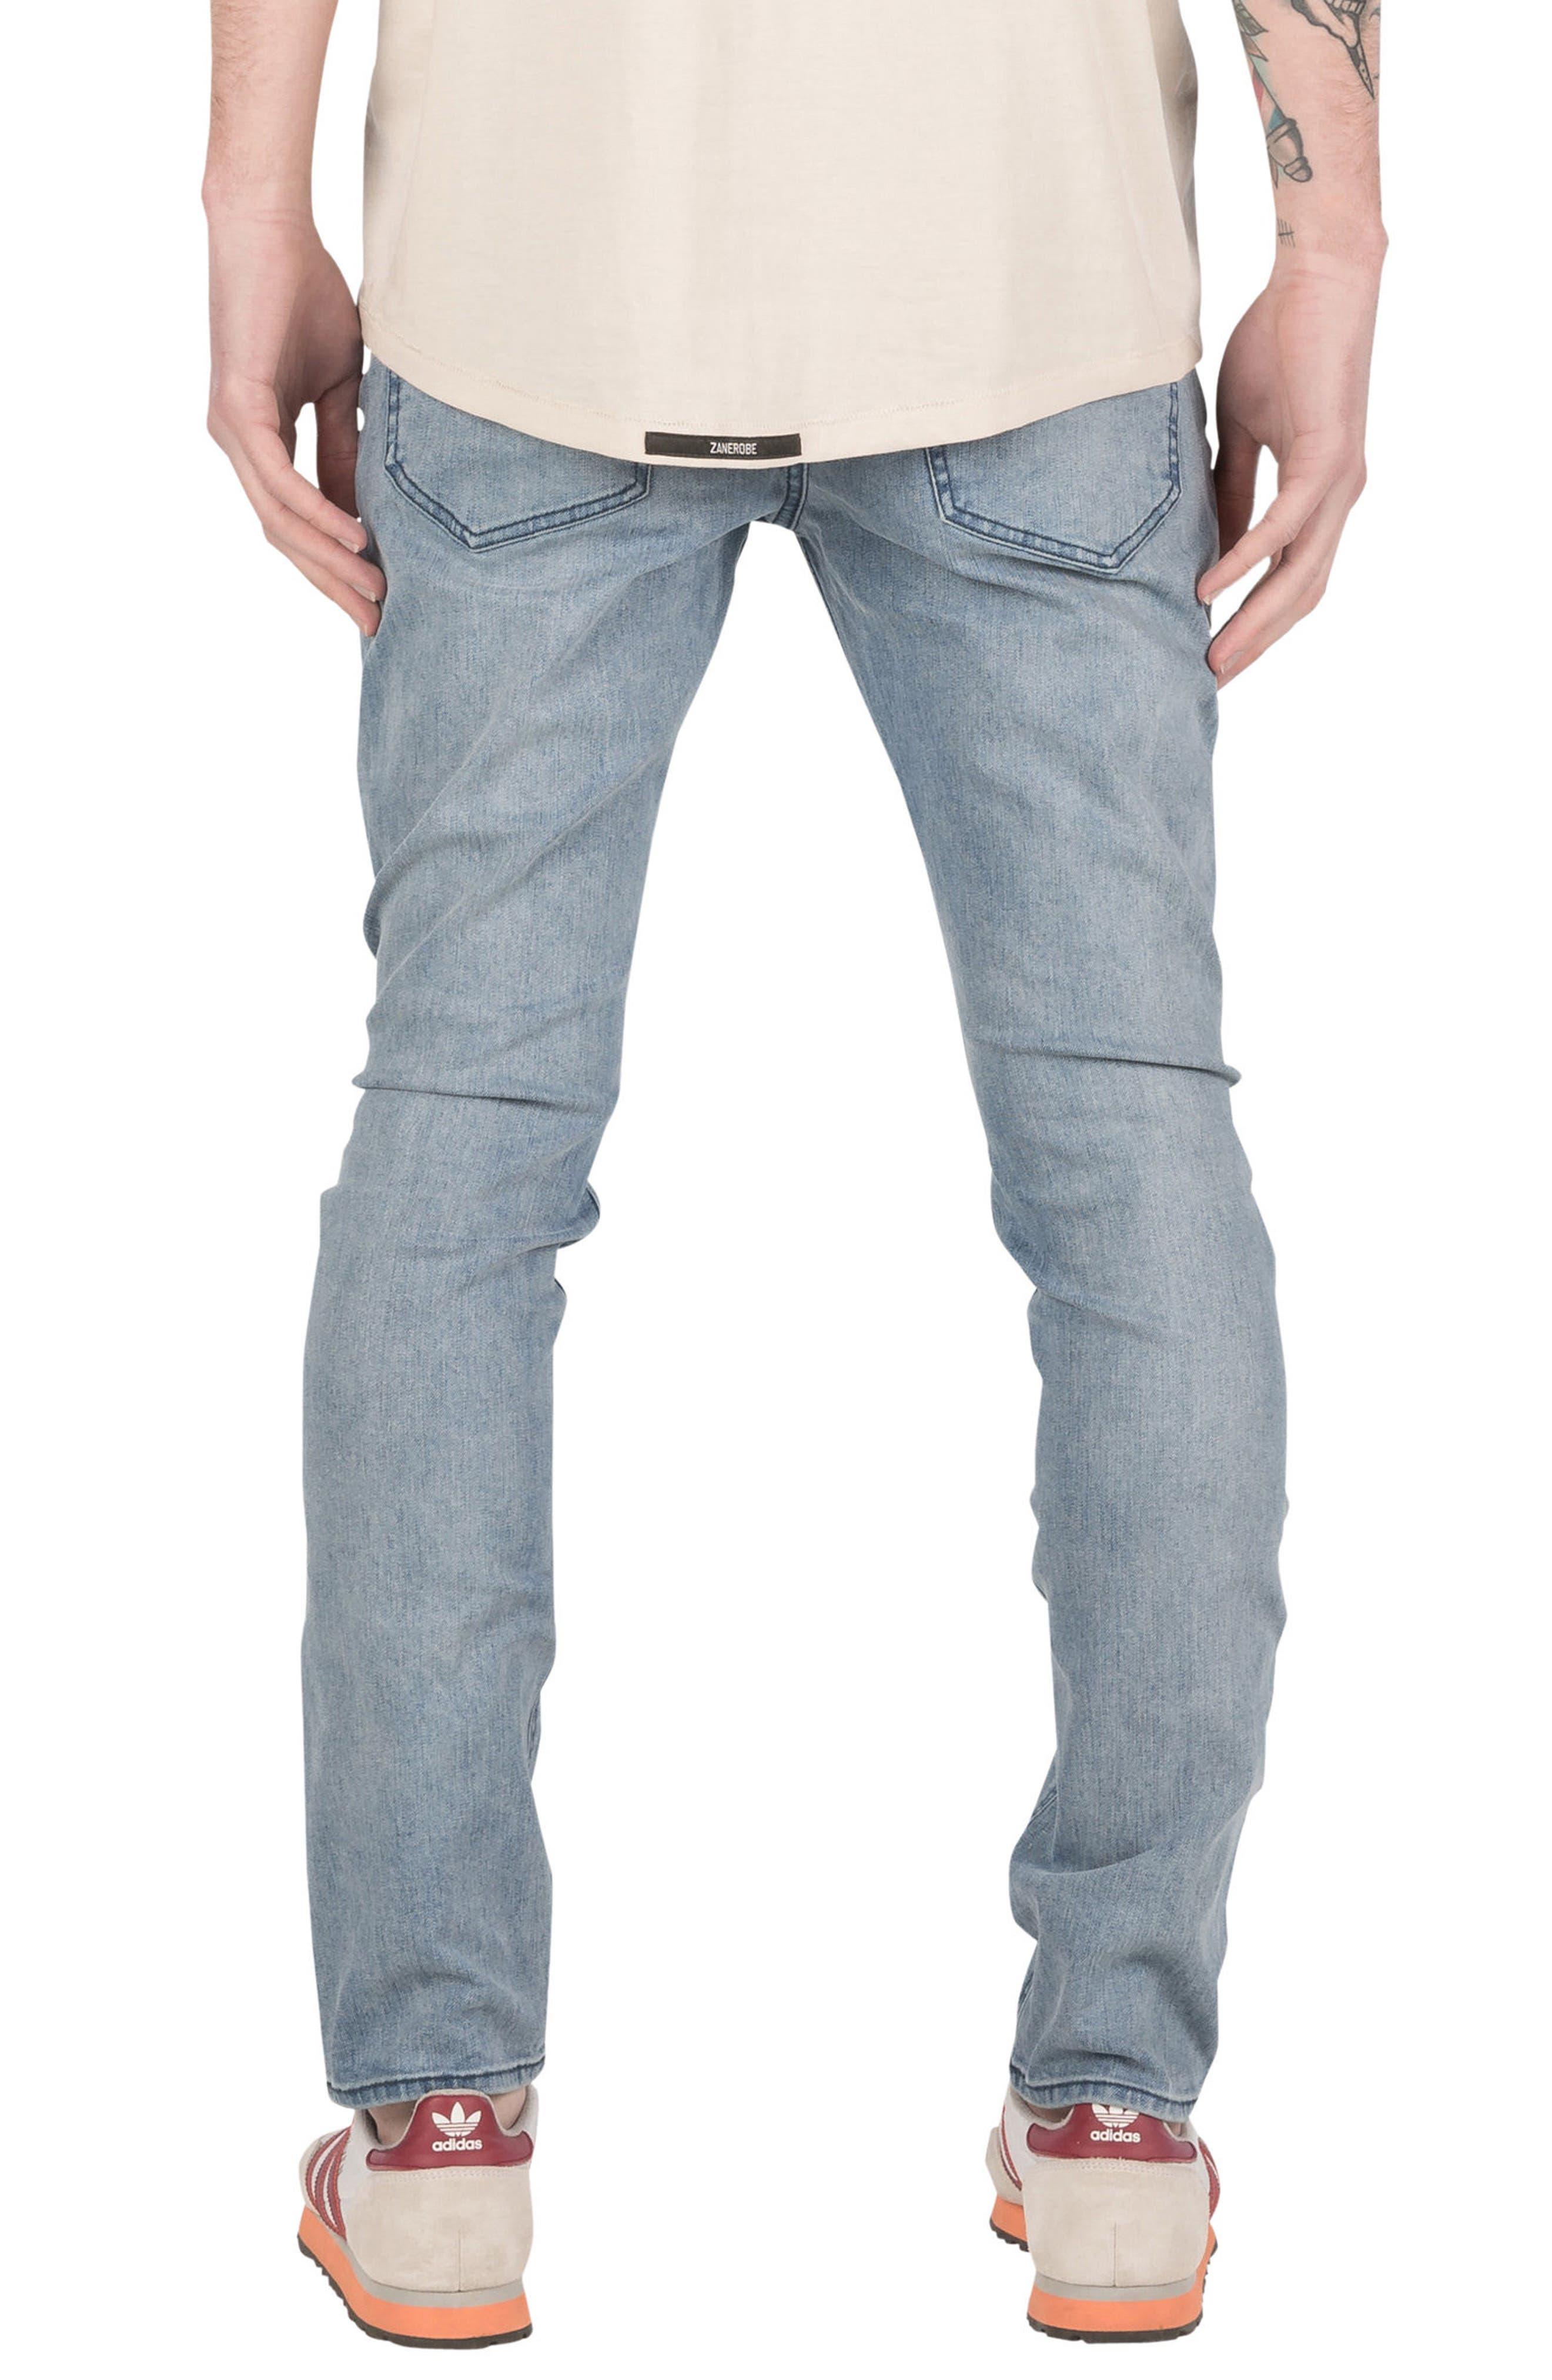 Joe Blow Destroyed Denim Jeans,                             Alternate thumbnail 2, color,                             420